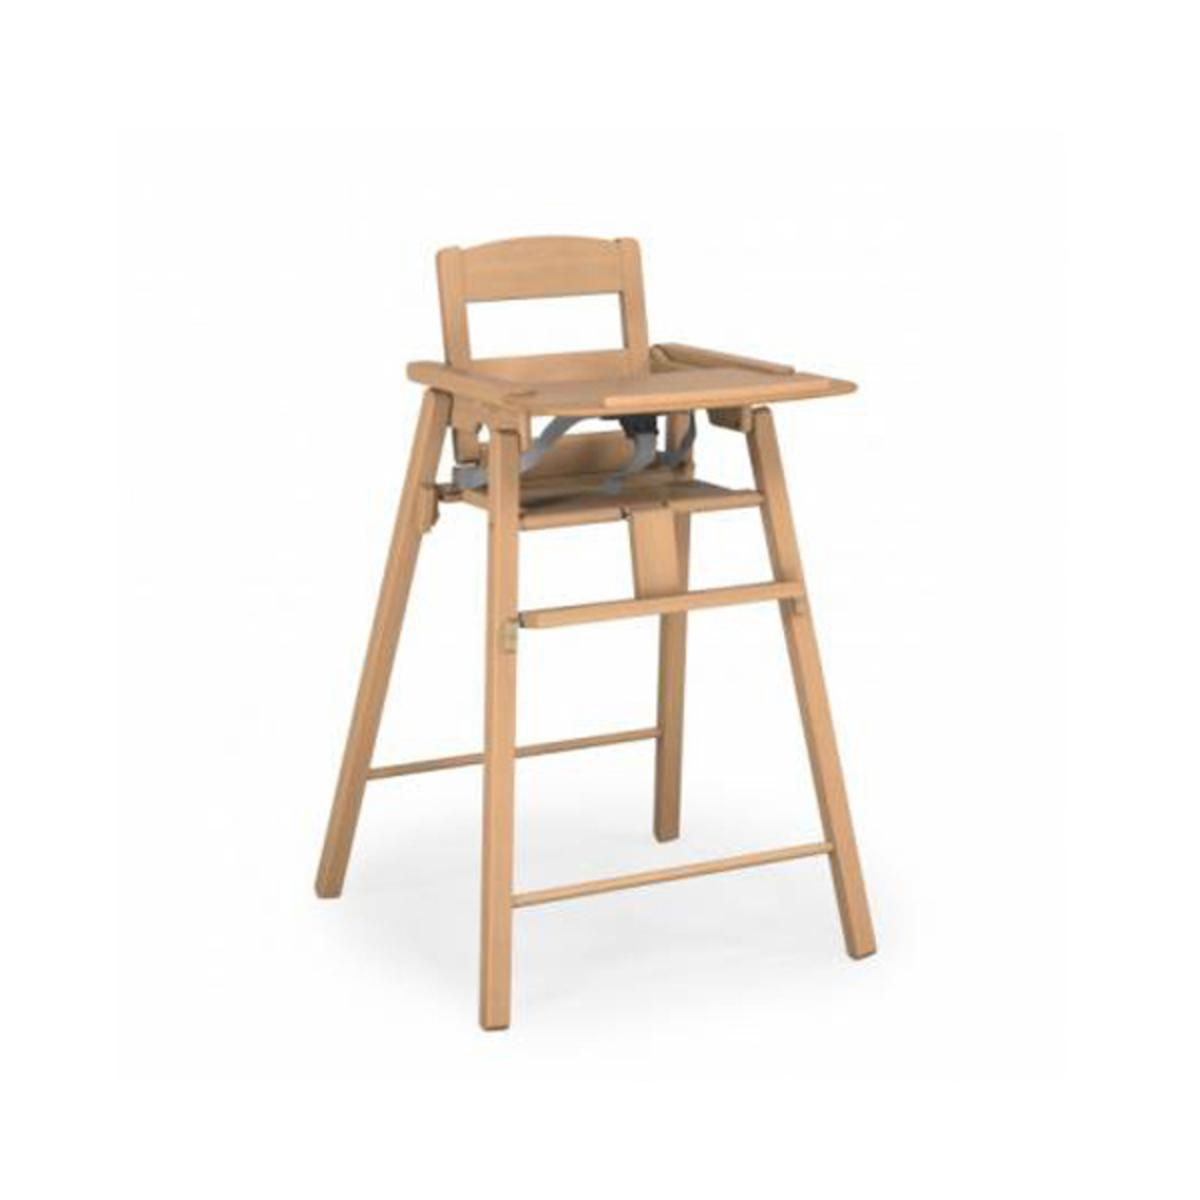 chaise haute pliante naturel 20056100 achat vente chaise haute sur. Black Bedroom Furniture Sets. Home Design Ideas